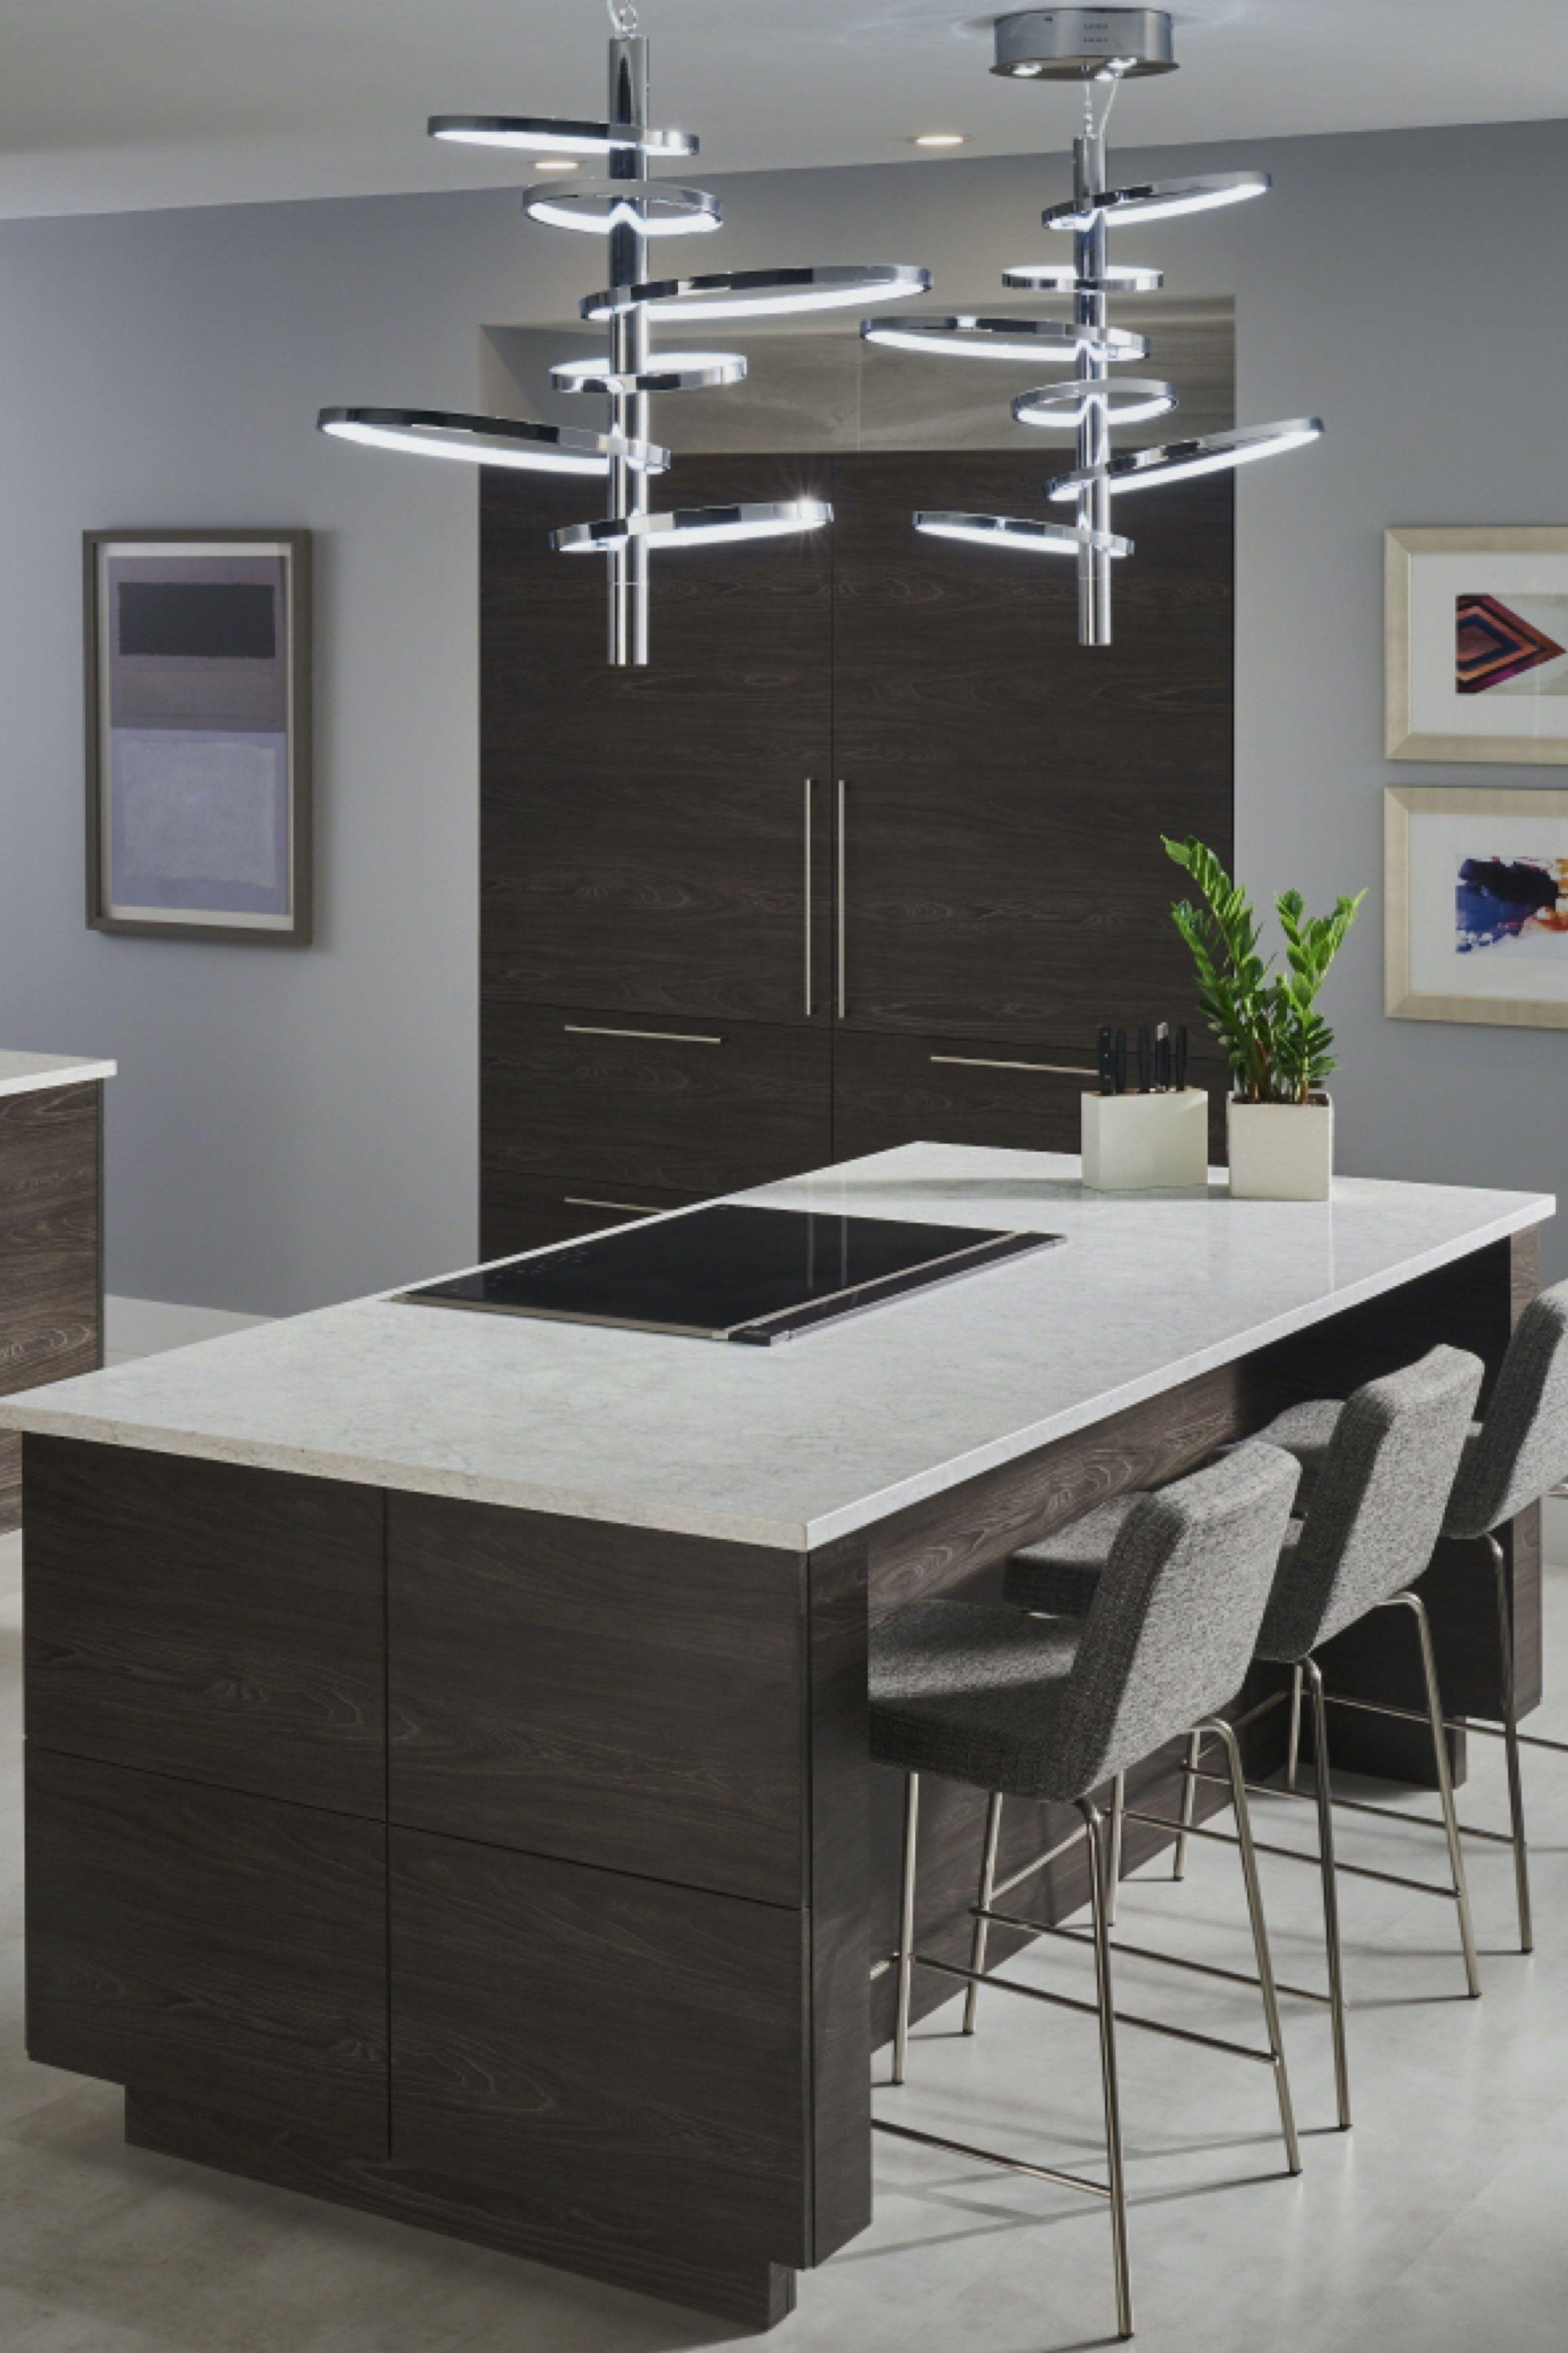 Aura Lg Viatera Quartz Countertops Cost Reviews Quartz Kitchen Quartz Countertops Dark Wood Cabinets